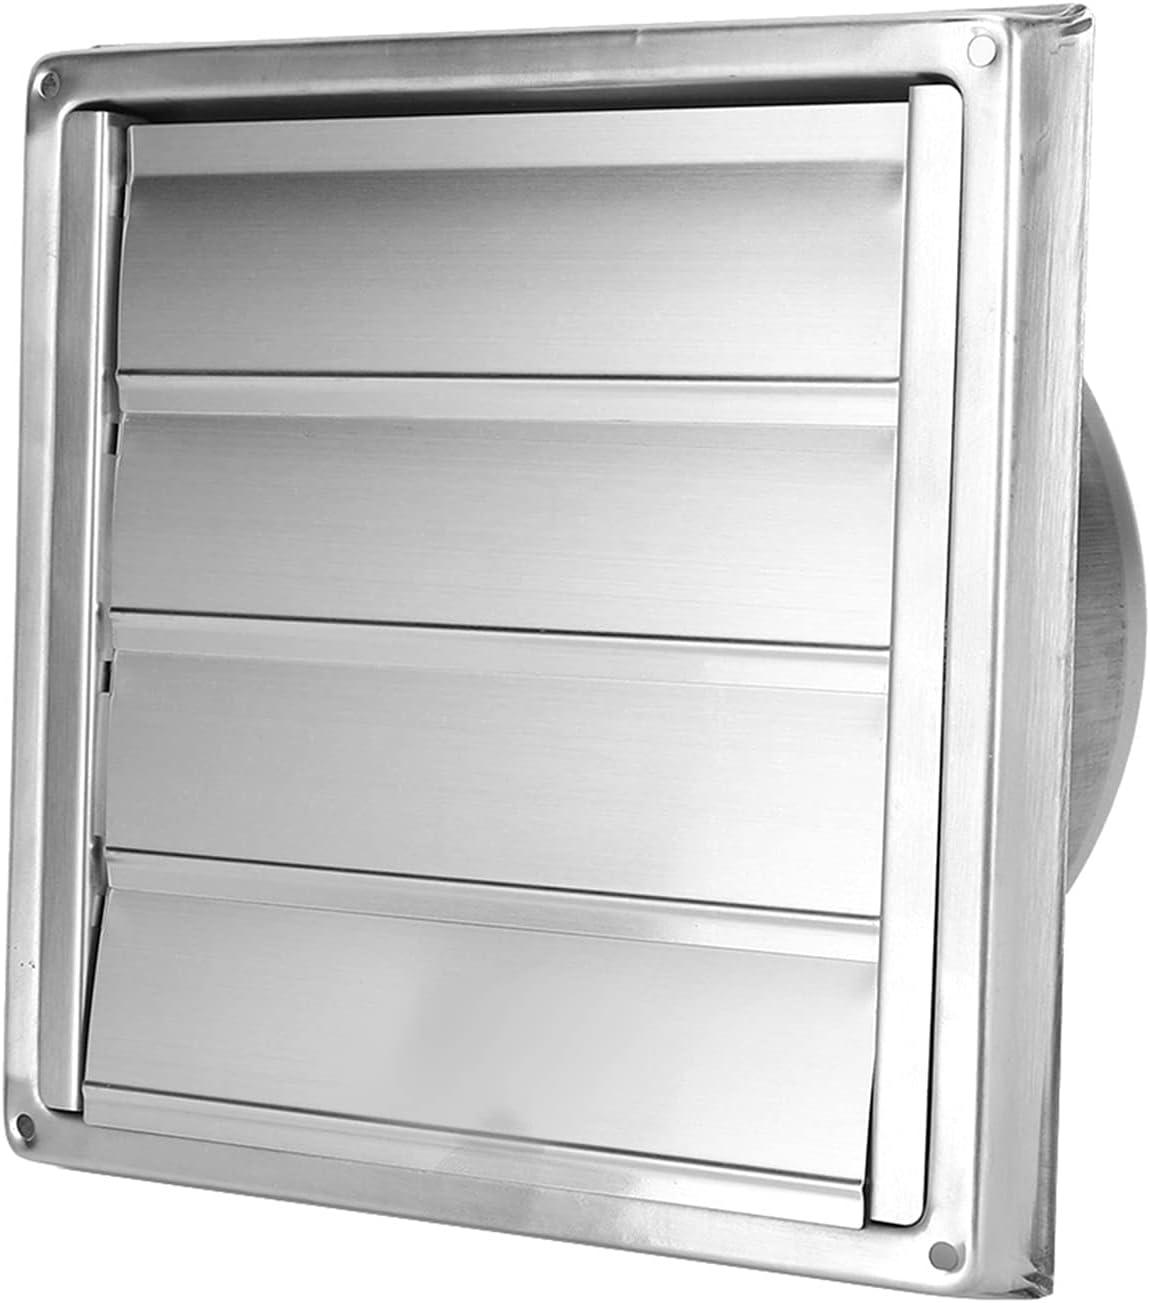 liangzai 1 5 CM Ventilación de ventilación Aparción de la parrilla de acero inoxidable de la pared de la pared de la pared de la pared de la secuela del extractor del extractor del extractor de la sal